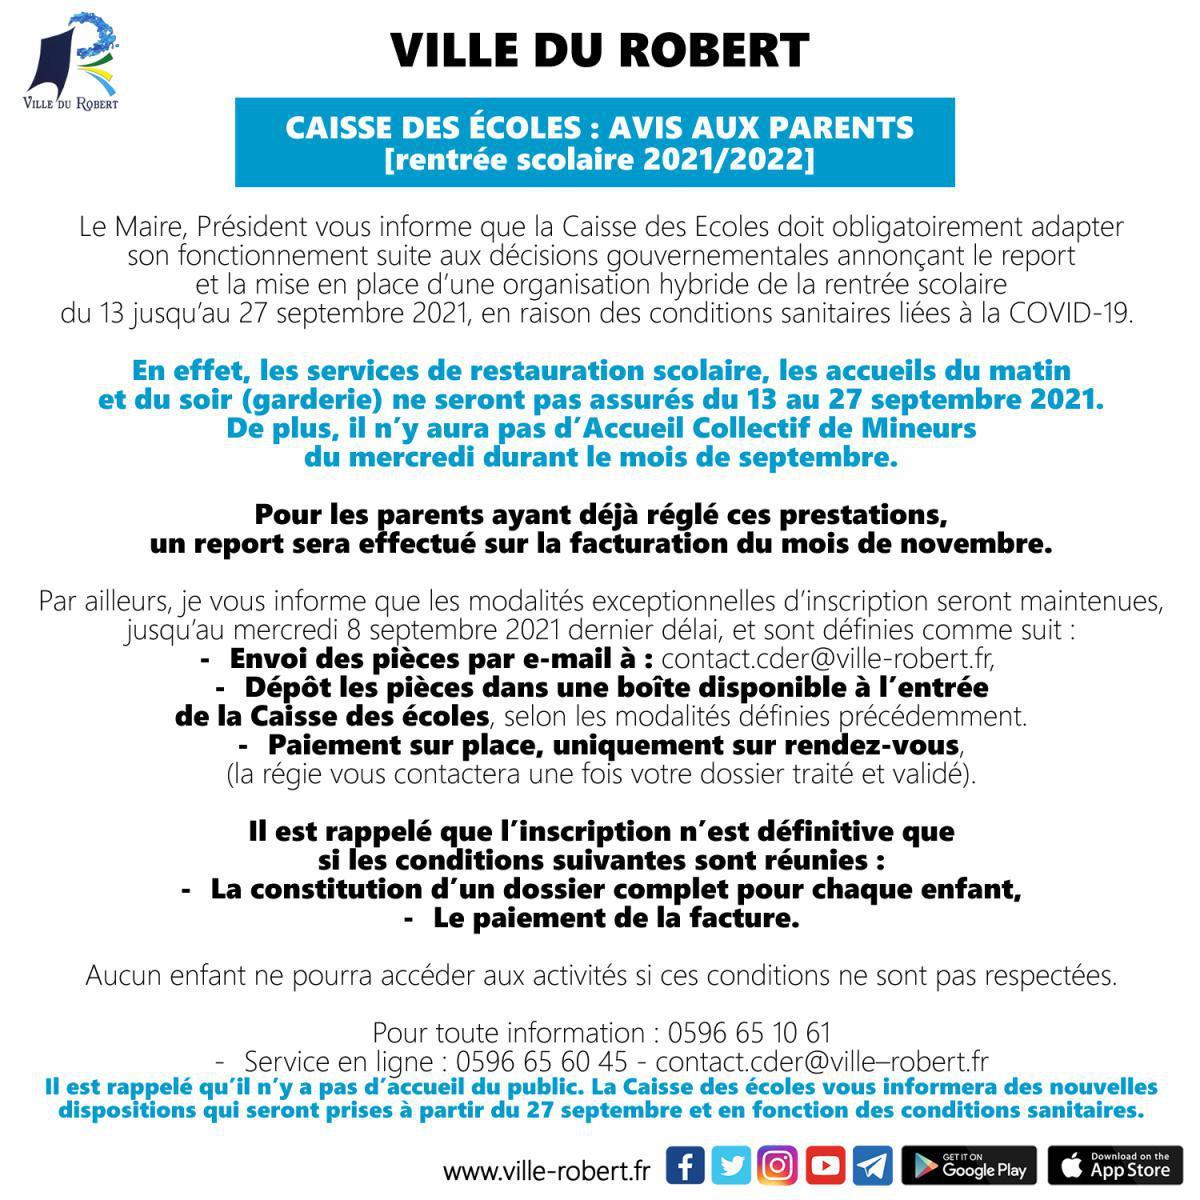 RENTREE SCOLAIRE 2021/2022 : AVIS AUX USAGERS DE LA CAISSE DES ECOLES